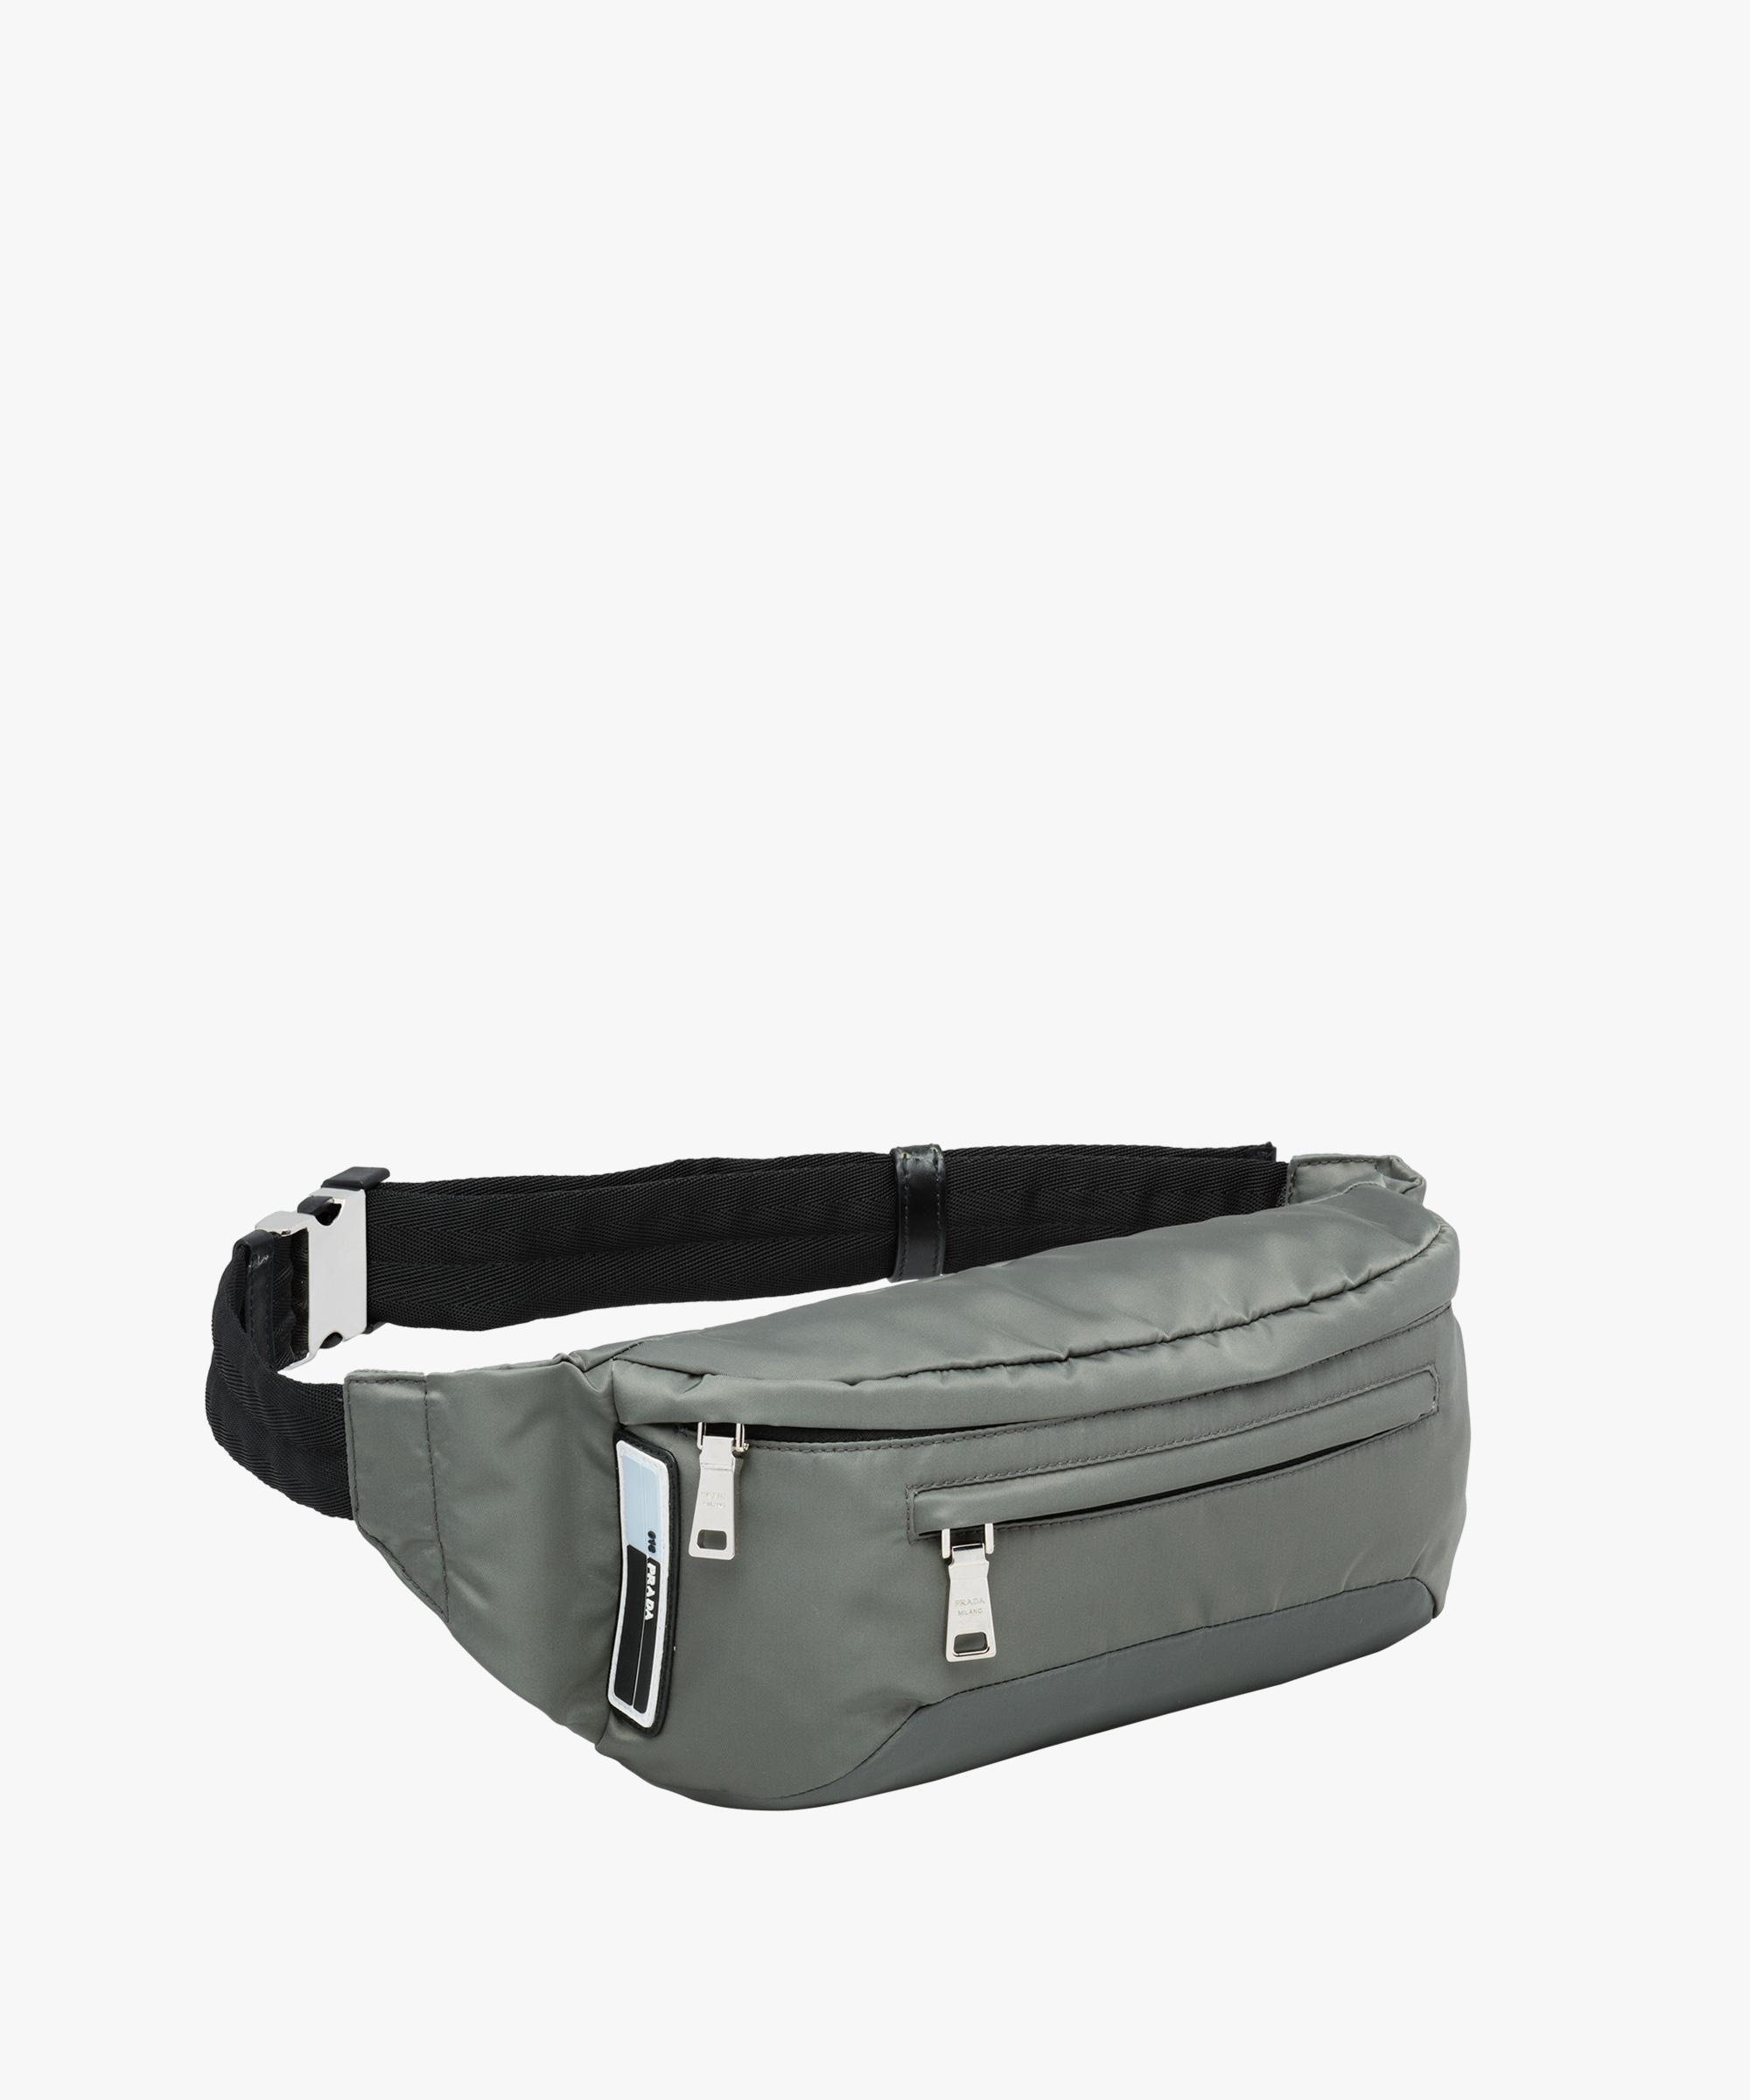 9676b98d433fc2 ... uk lyst prada technical fabric belt bag in gray for men efa30 8e197